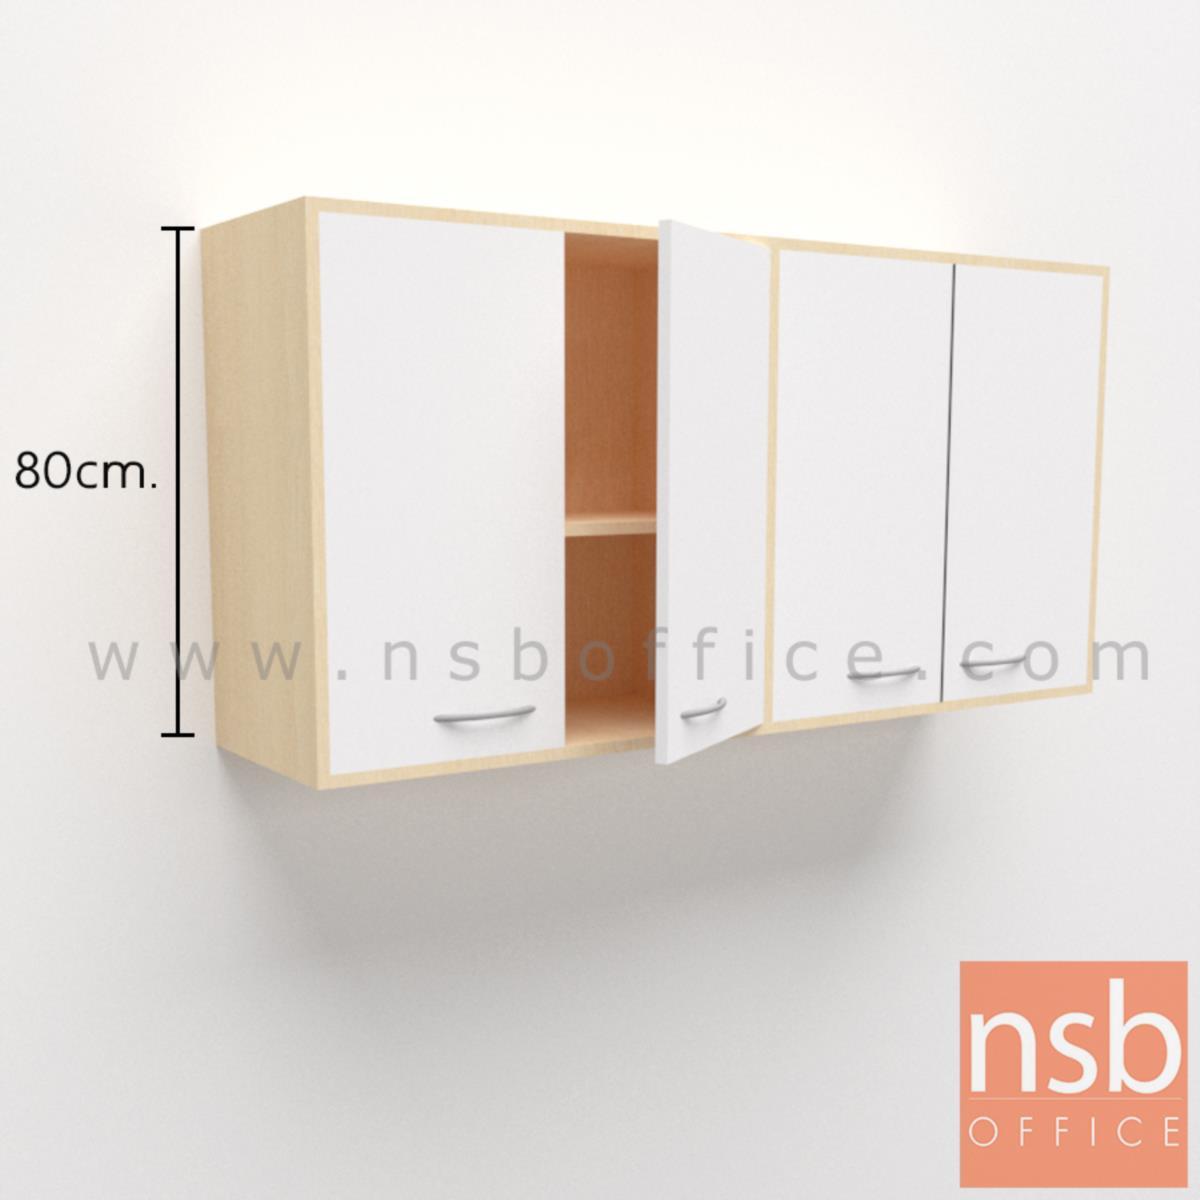 ตู้แขวนลอย บานเปิด 1 ตู้ วางแฟ้มได้ 2 ช่อง รุ่น Archer (อาร์เชอร์) ขนาด 80W ,120W ,150W*80H cm. เมลามีน